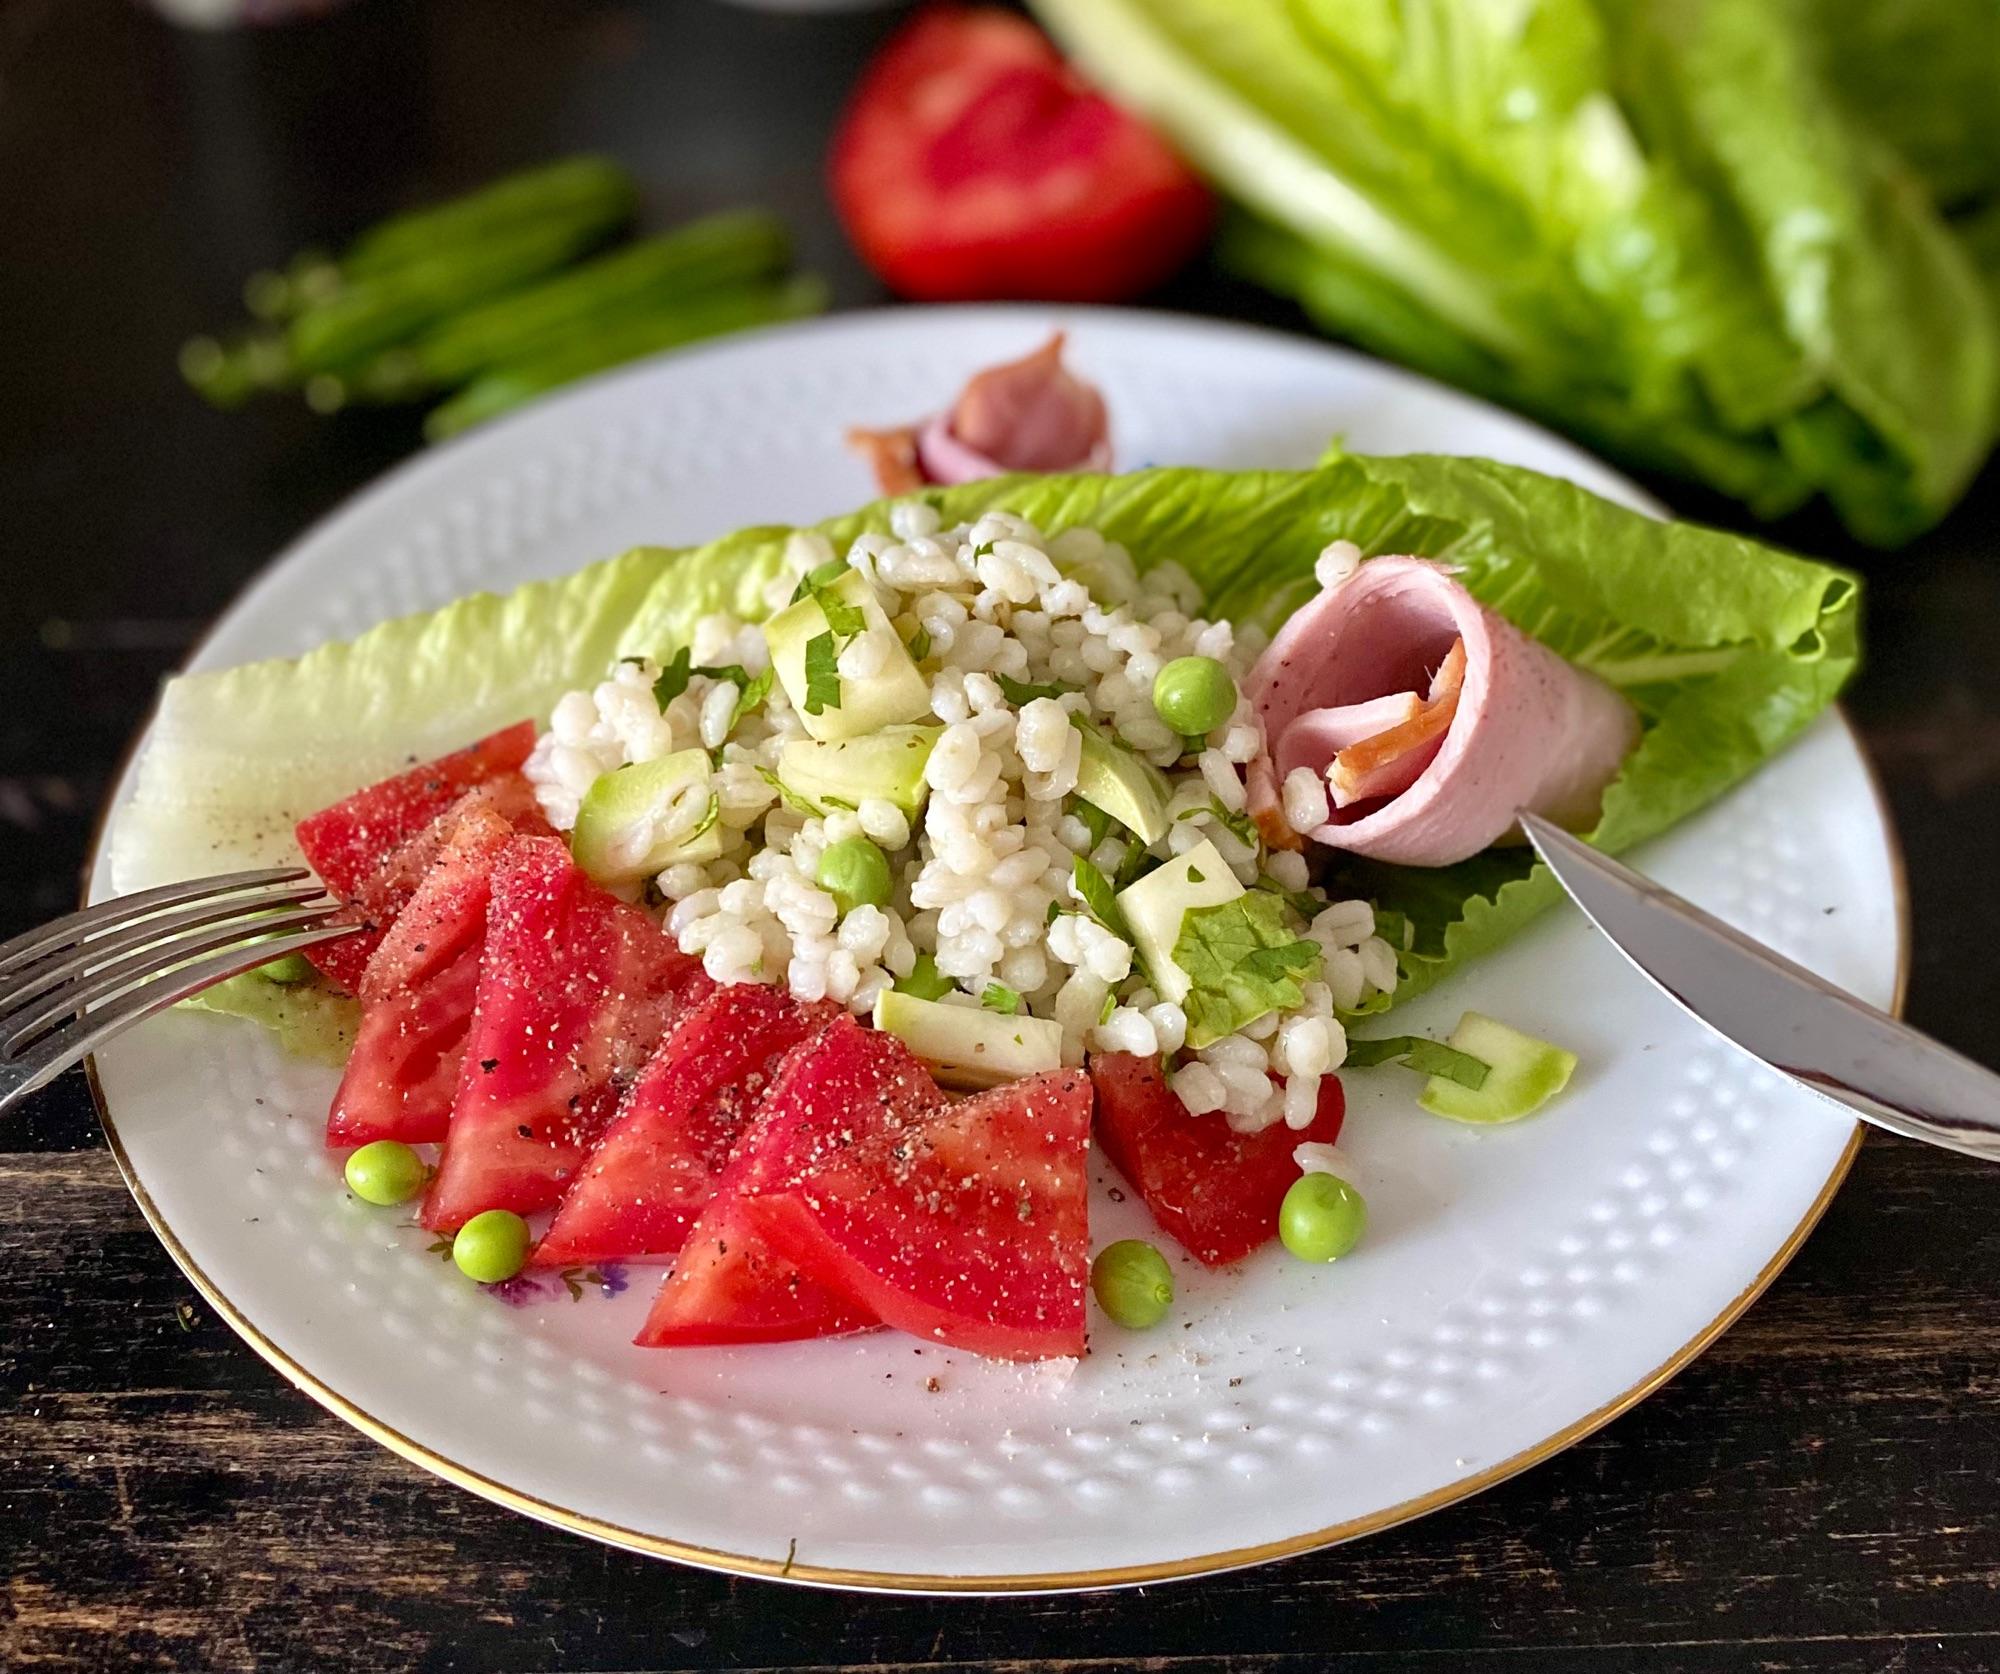 Салат-ужин, когла хочется полезного..